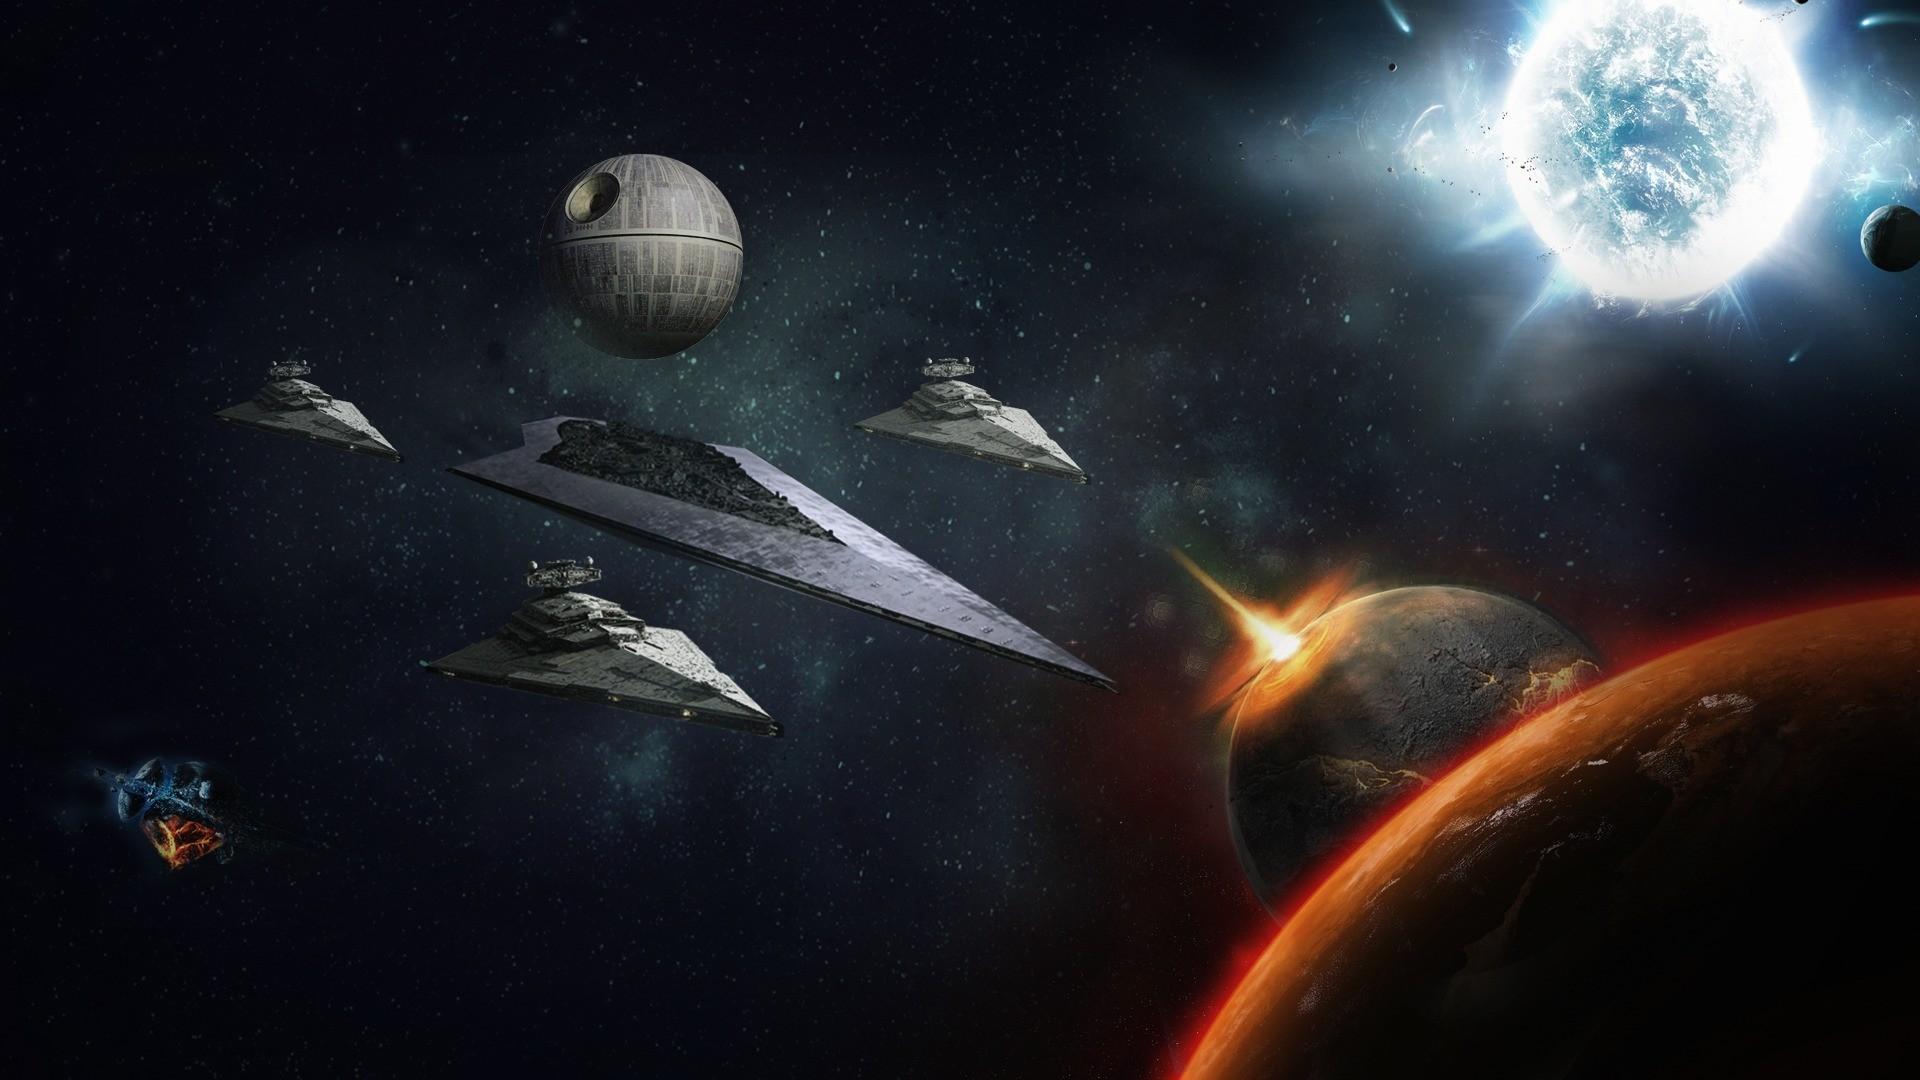 HD Star Wars